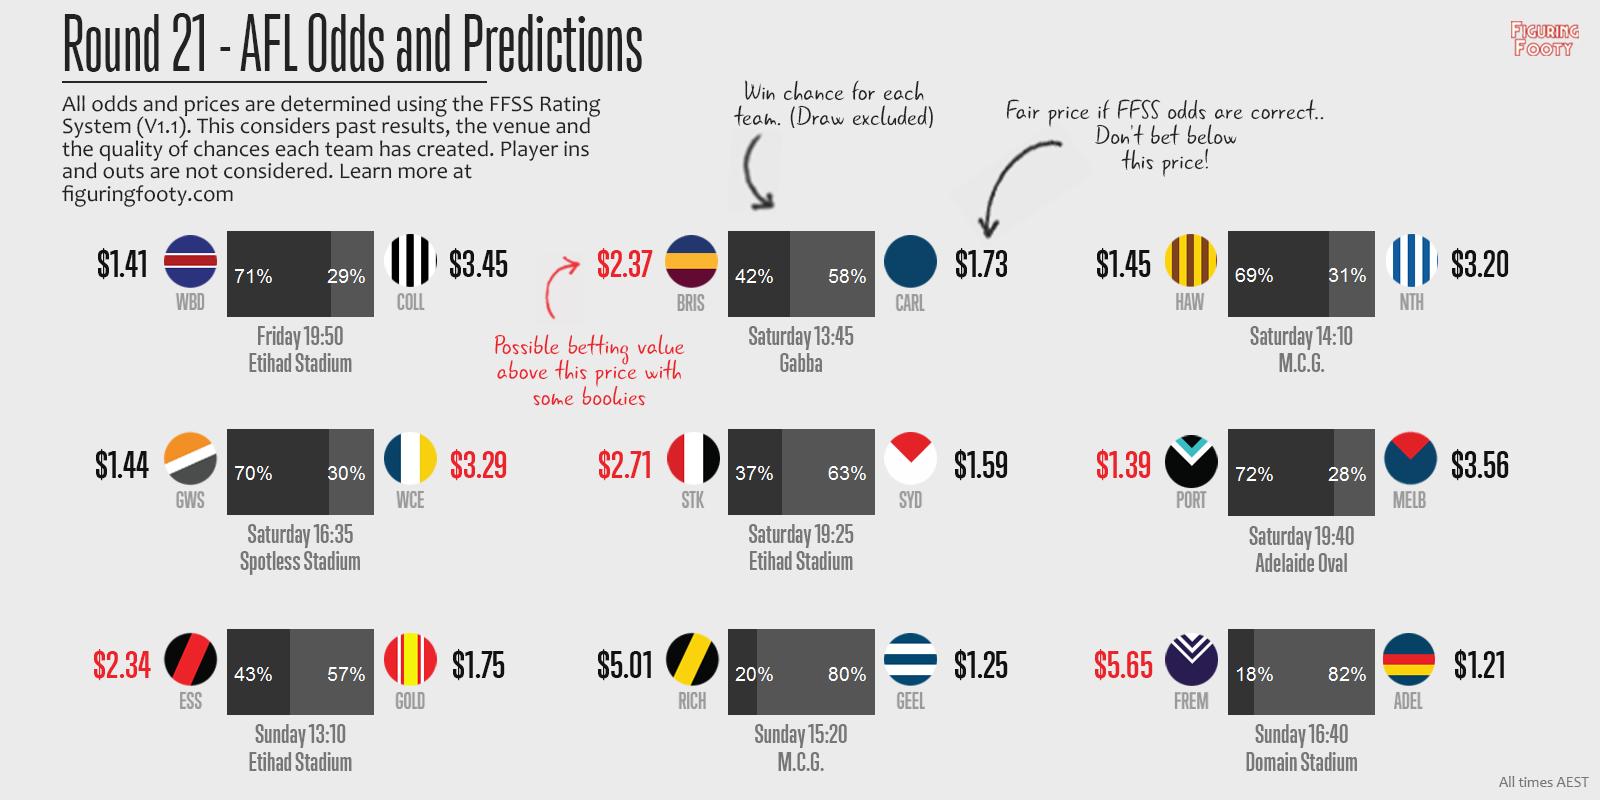 FFSS Round 21 Predictions